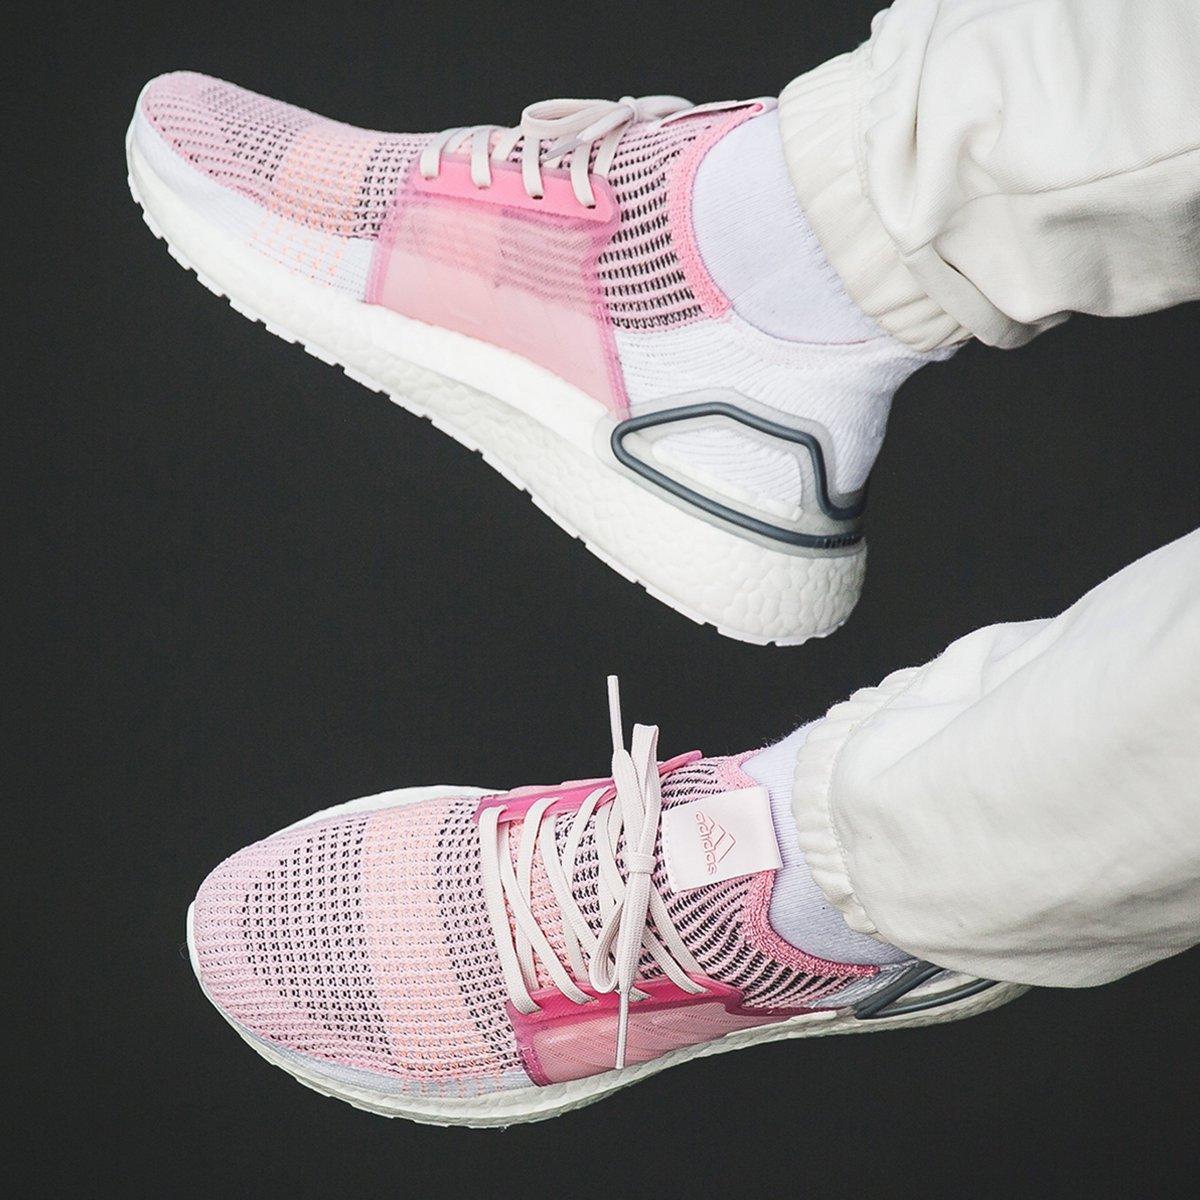 ultraboost 19 true pink